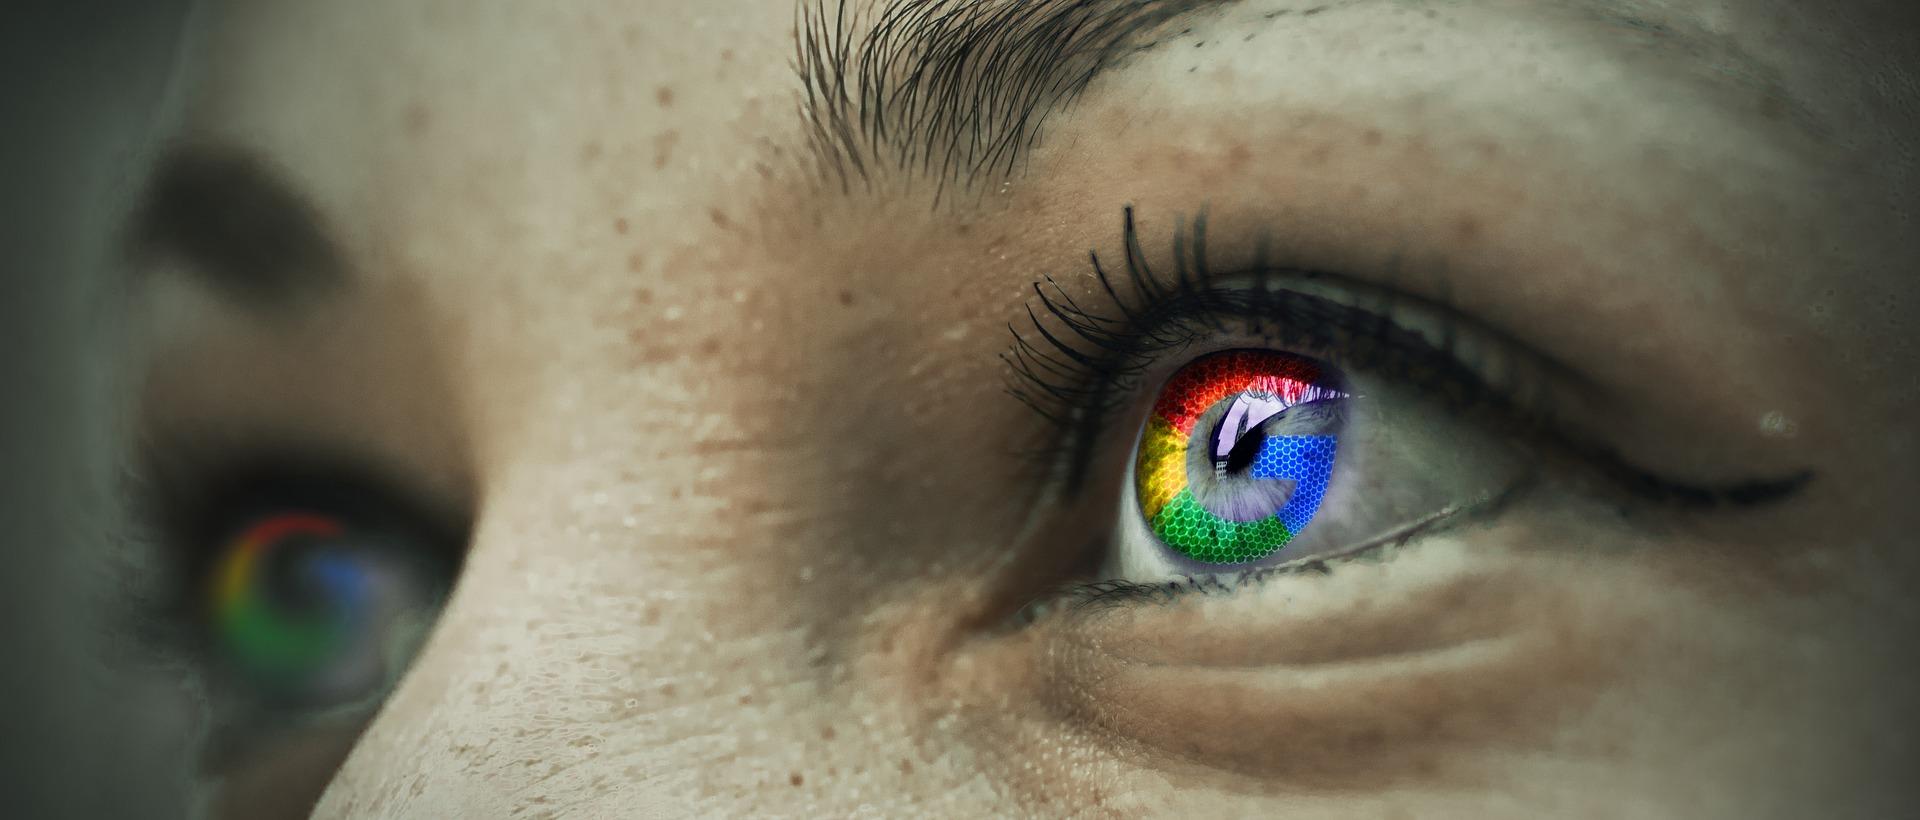 Redes sociales, ¿una amenaza para nuestra privacidad?